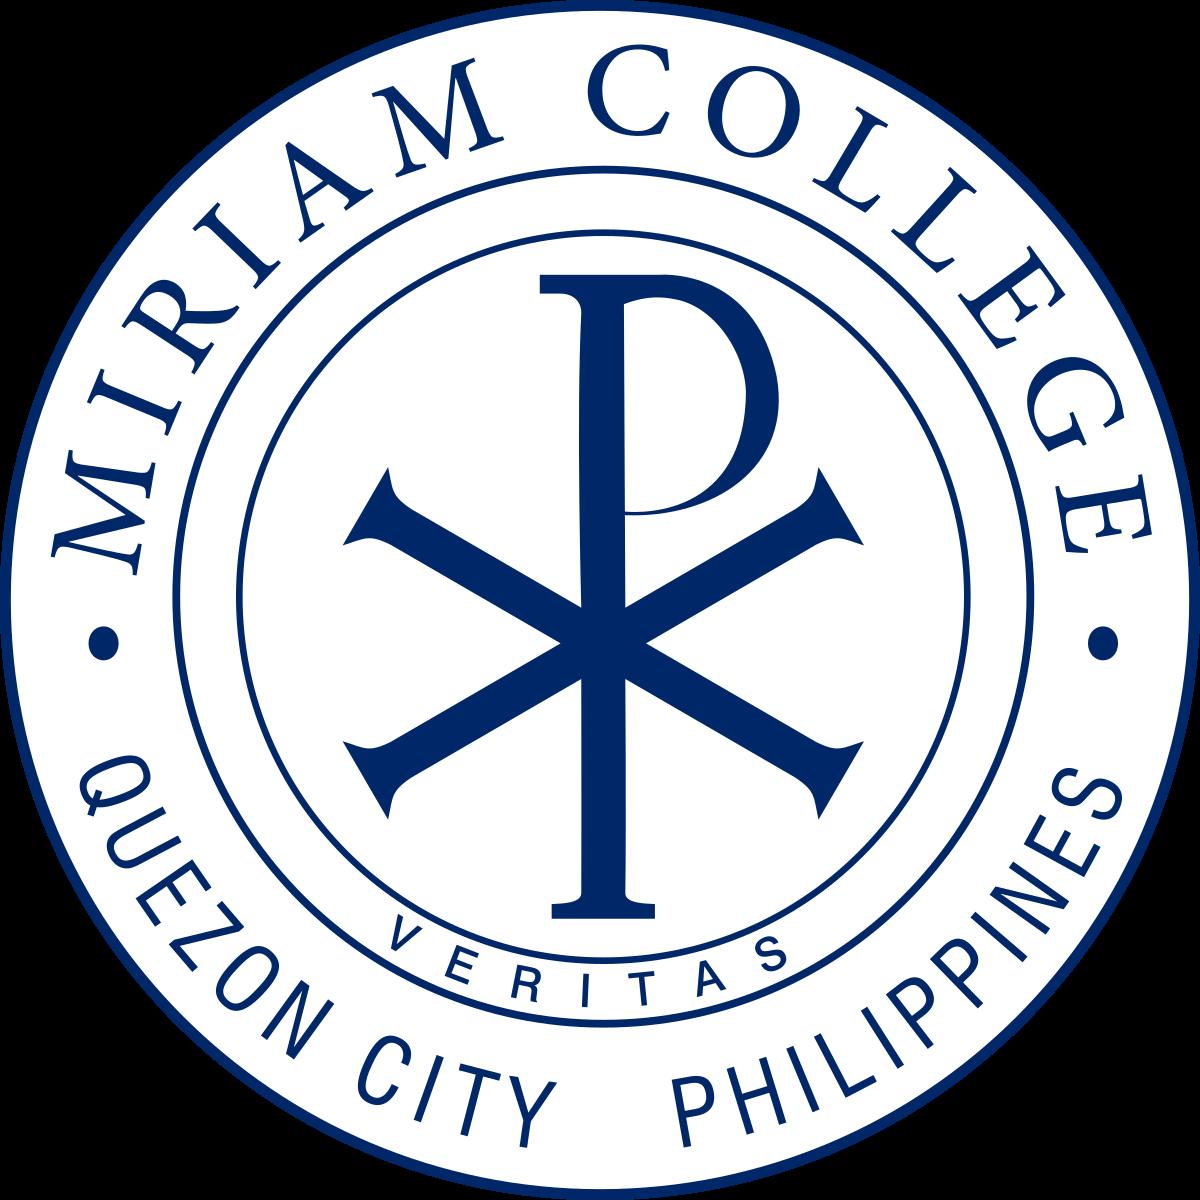 1200x1200 Miriam College